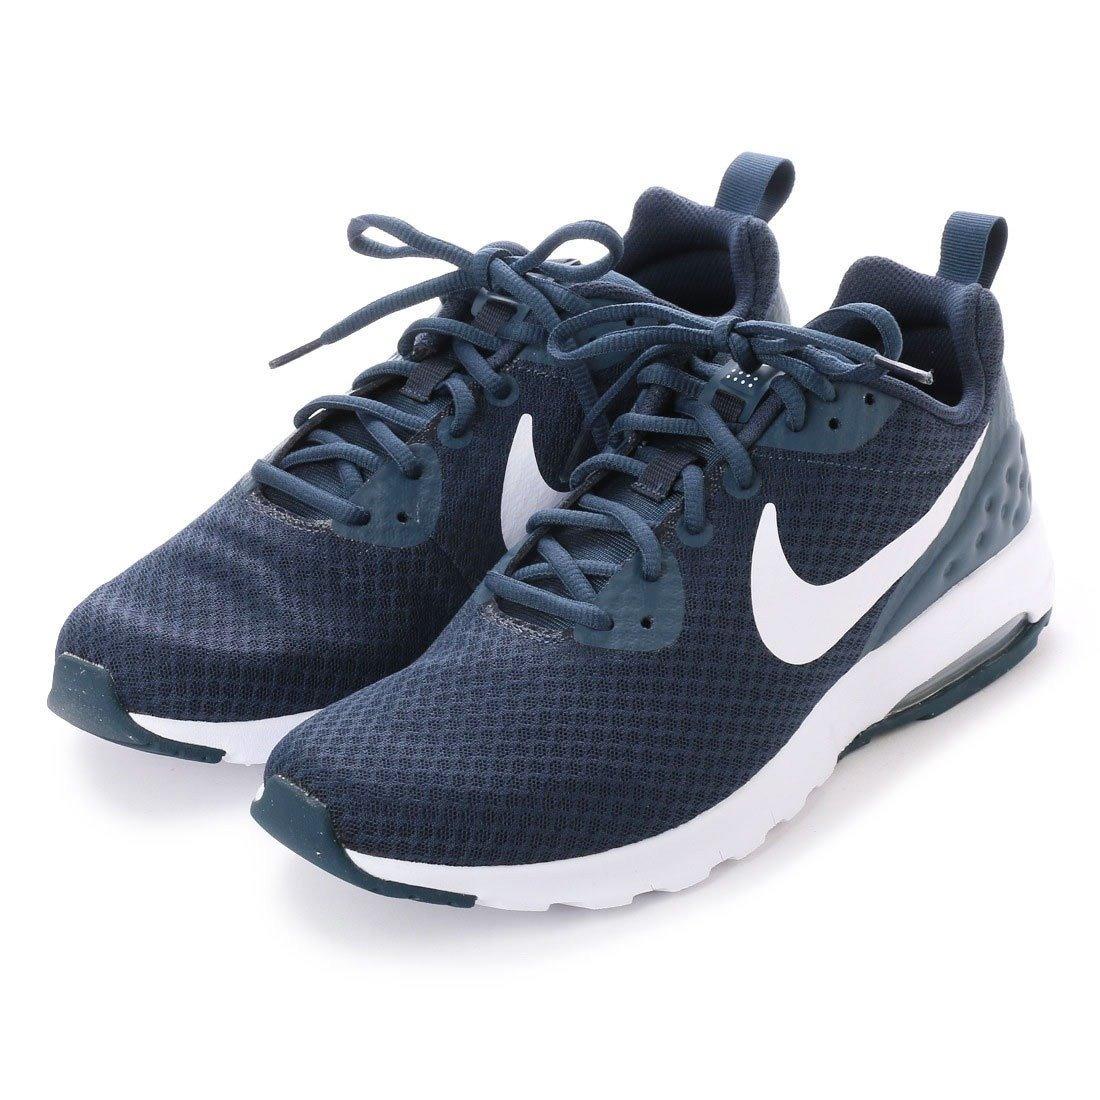 6fb0701e74 Tenis Nike Air Max Motion Lw